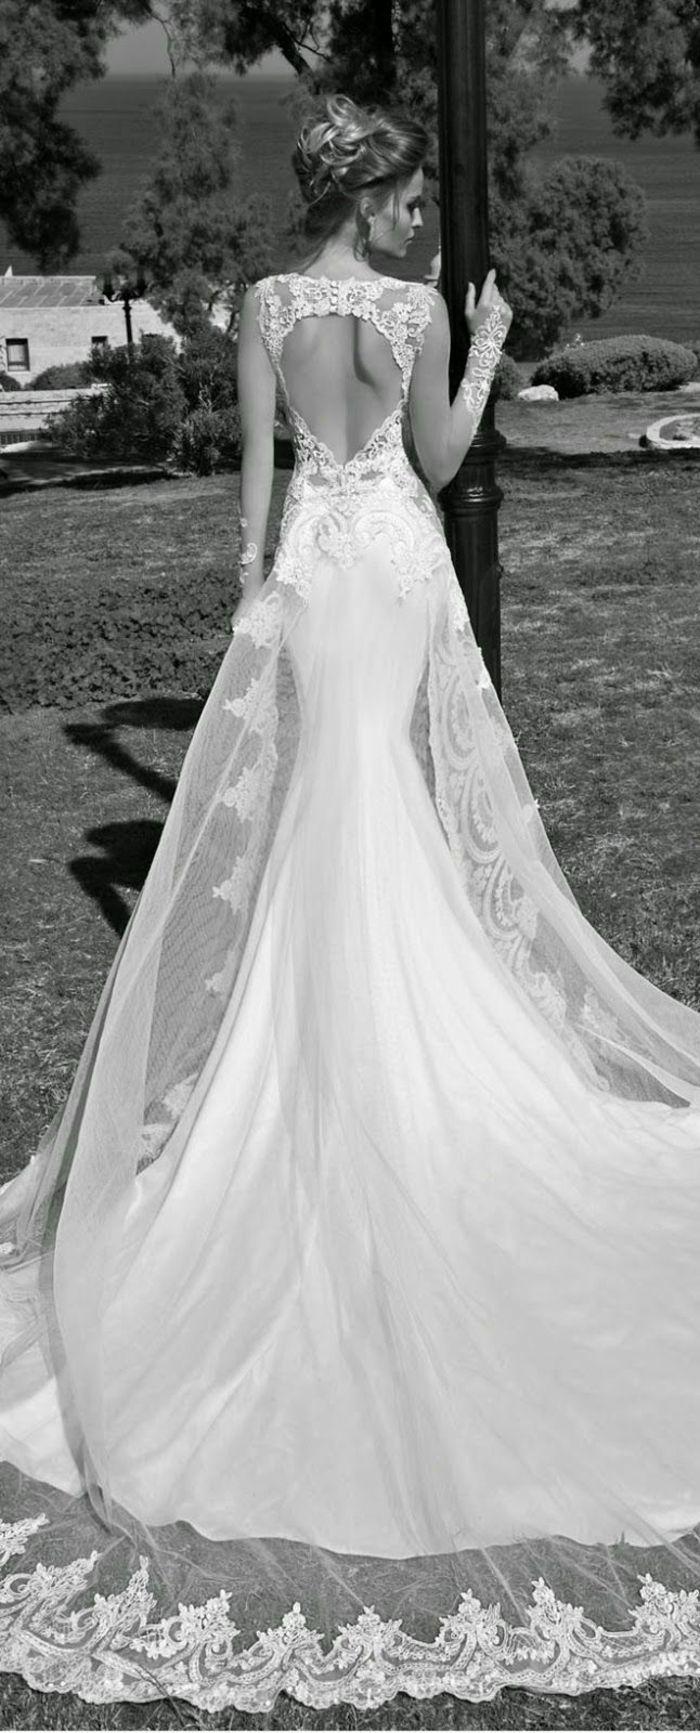 unglaublich Rückenfreie Hochzeitskleider liegen voll im Trend